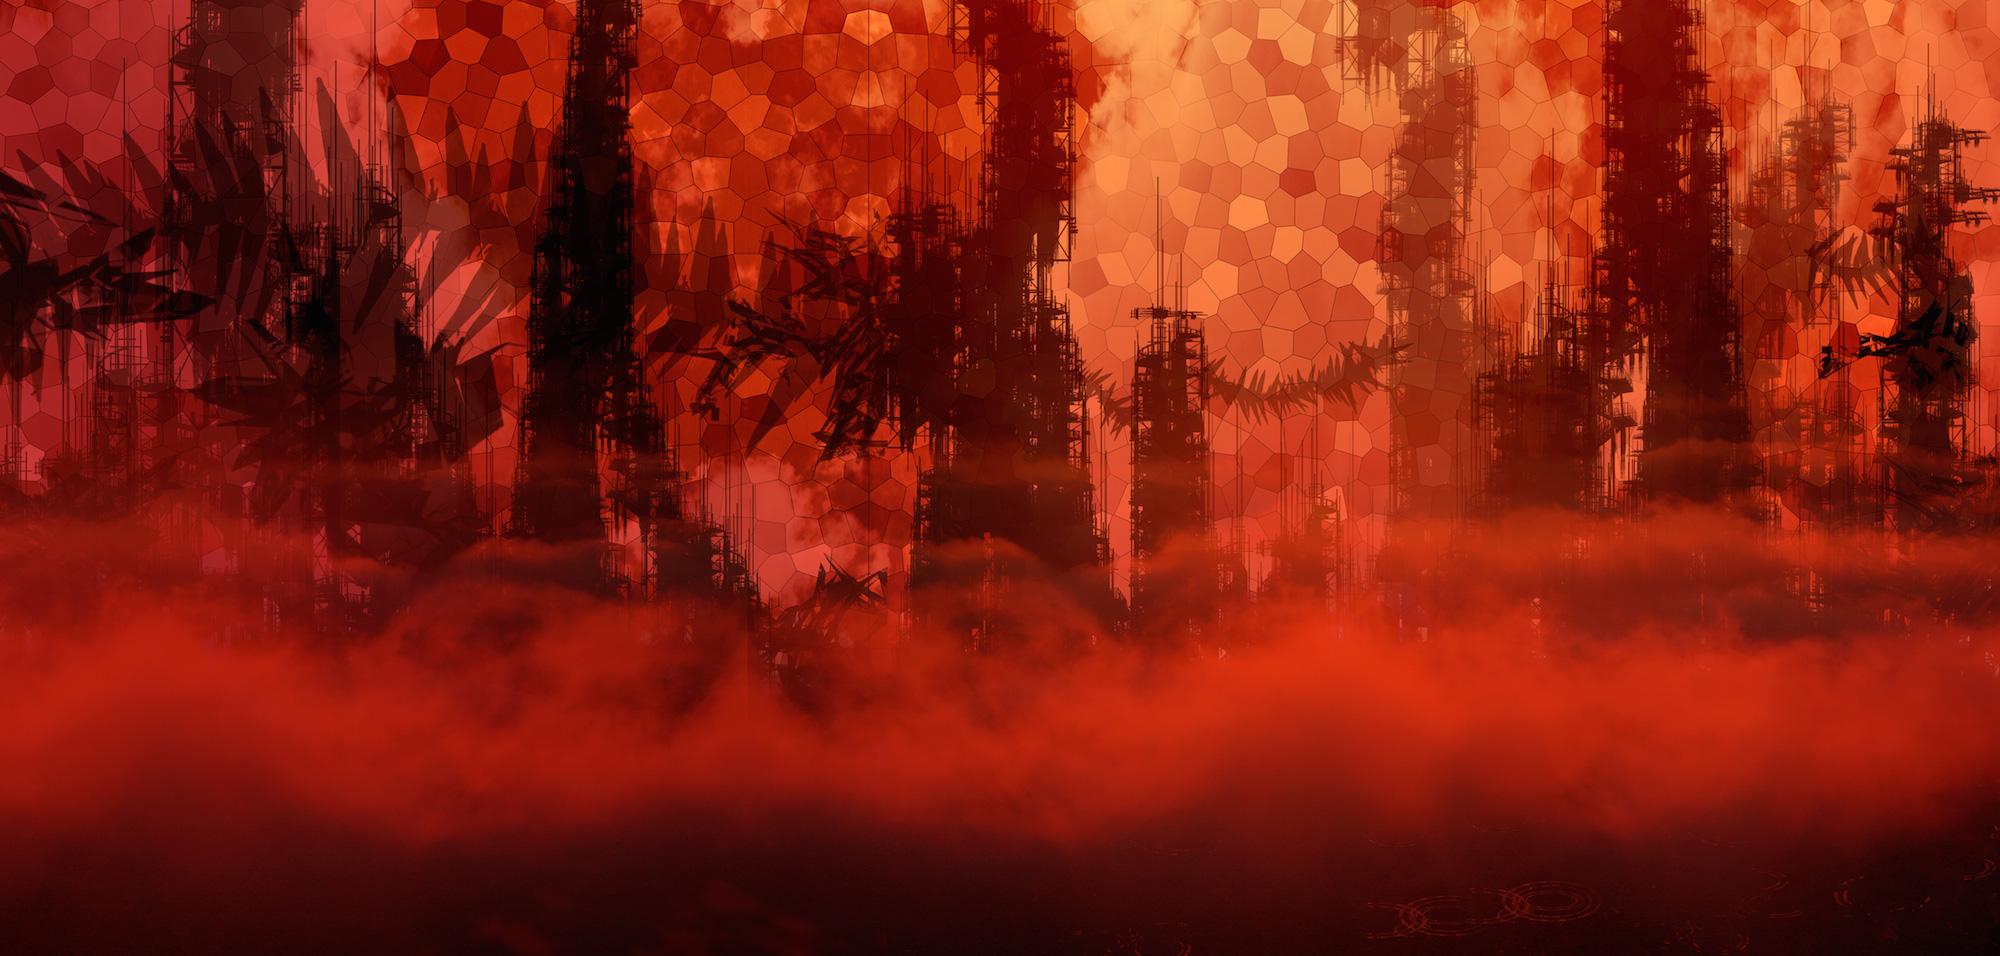 Acchiappasogni_Cielo_Cremisi_Background